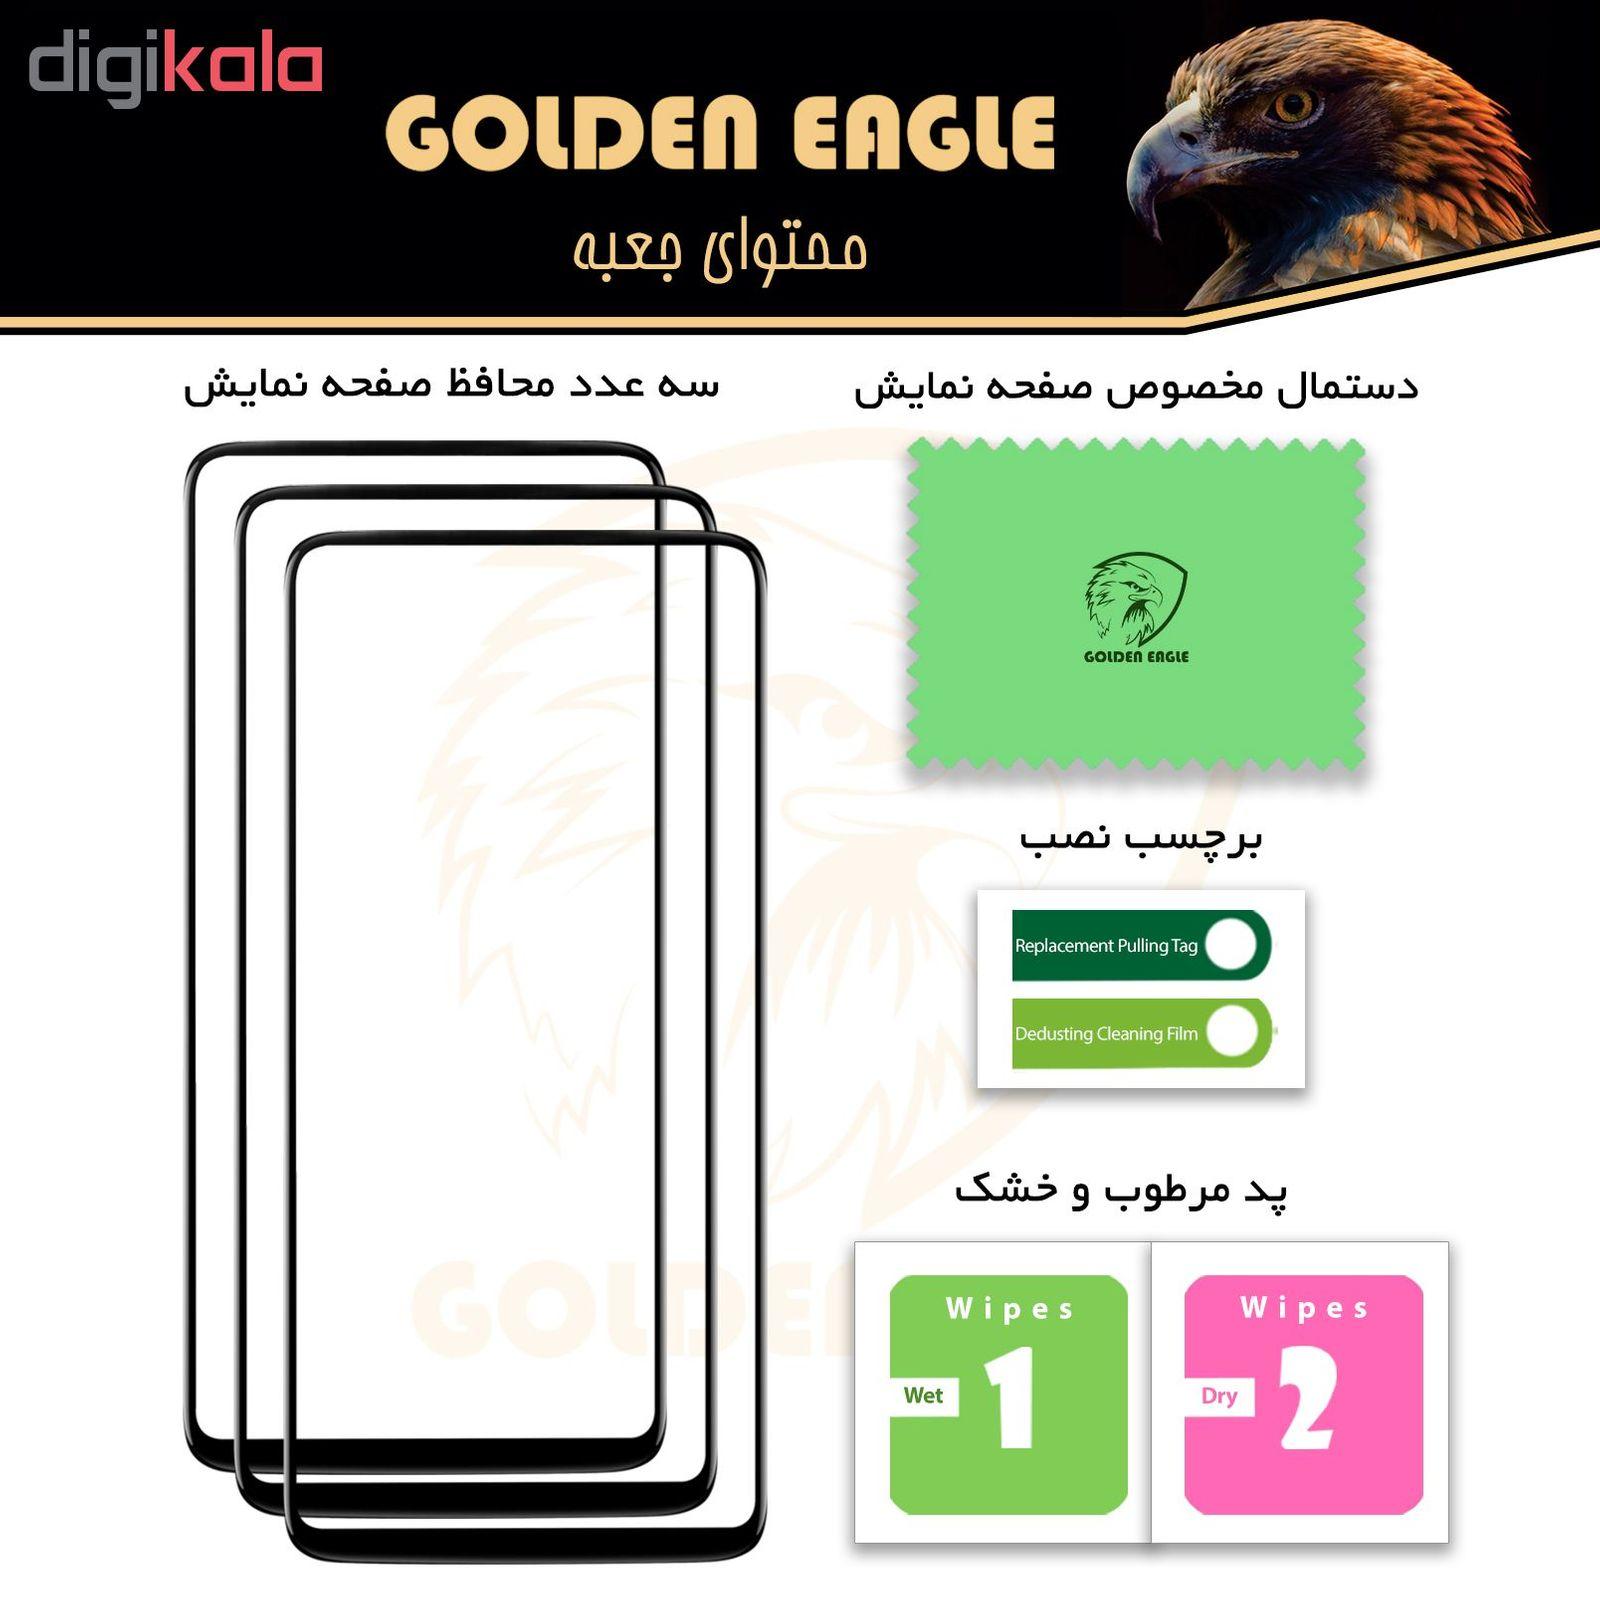 محافظ صفحه نمایش گلدن ایگل مدل DFC-X3 مناسب برای گوشی موبایل سامسونگ Galaxy A5 2017 بسته سه عددی main 1 3